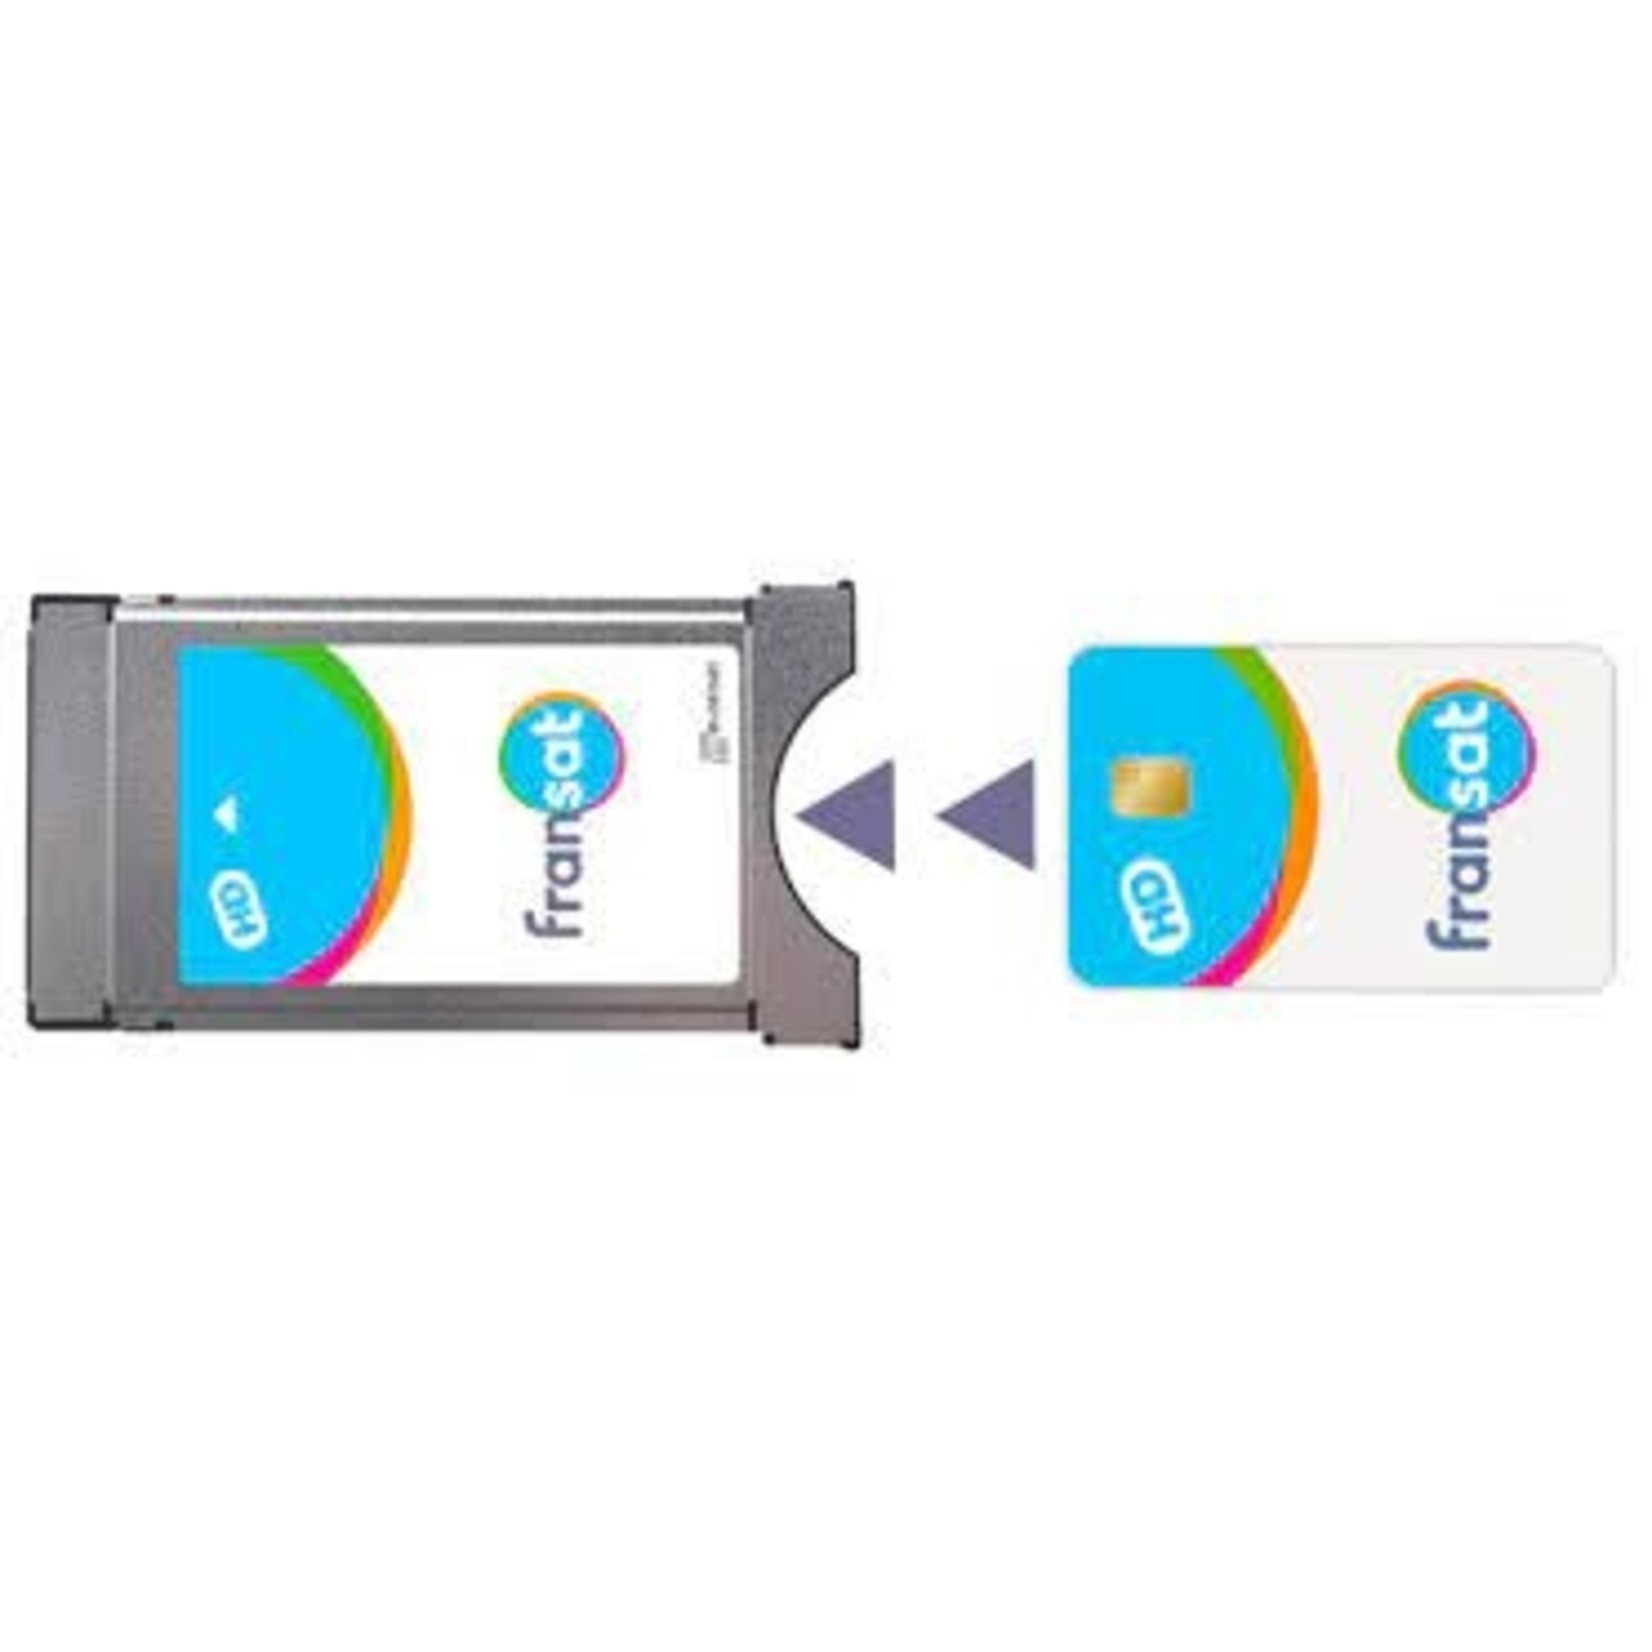 FRANSAT ABB FRANSAT HD + MODULE CI + POUR TV COMPAT.